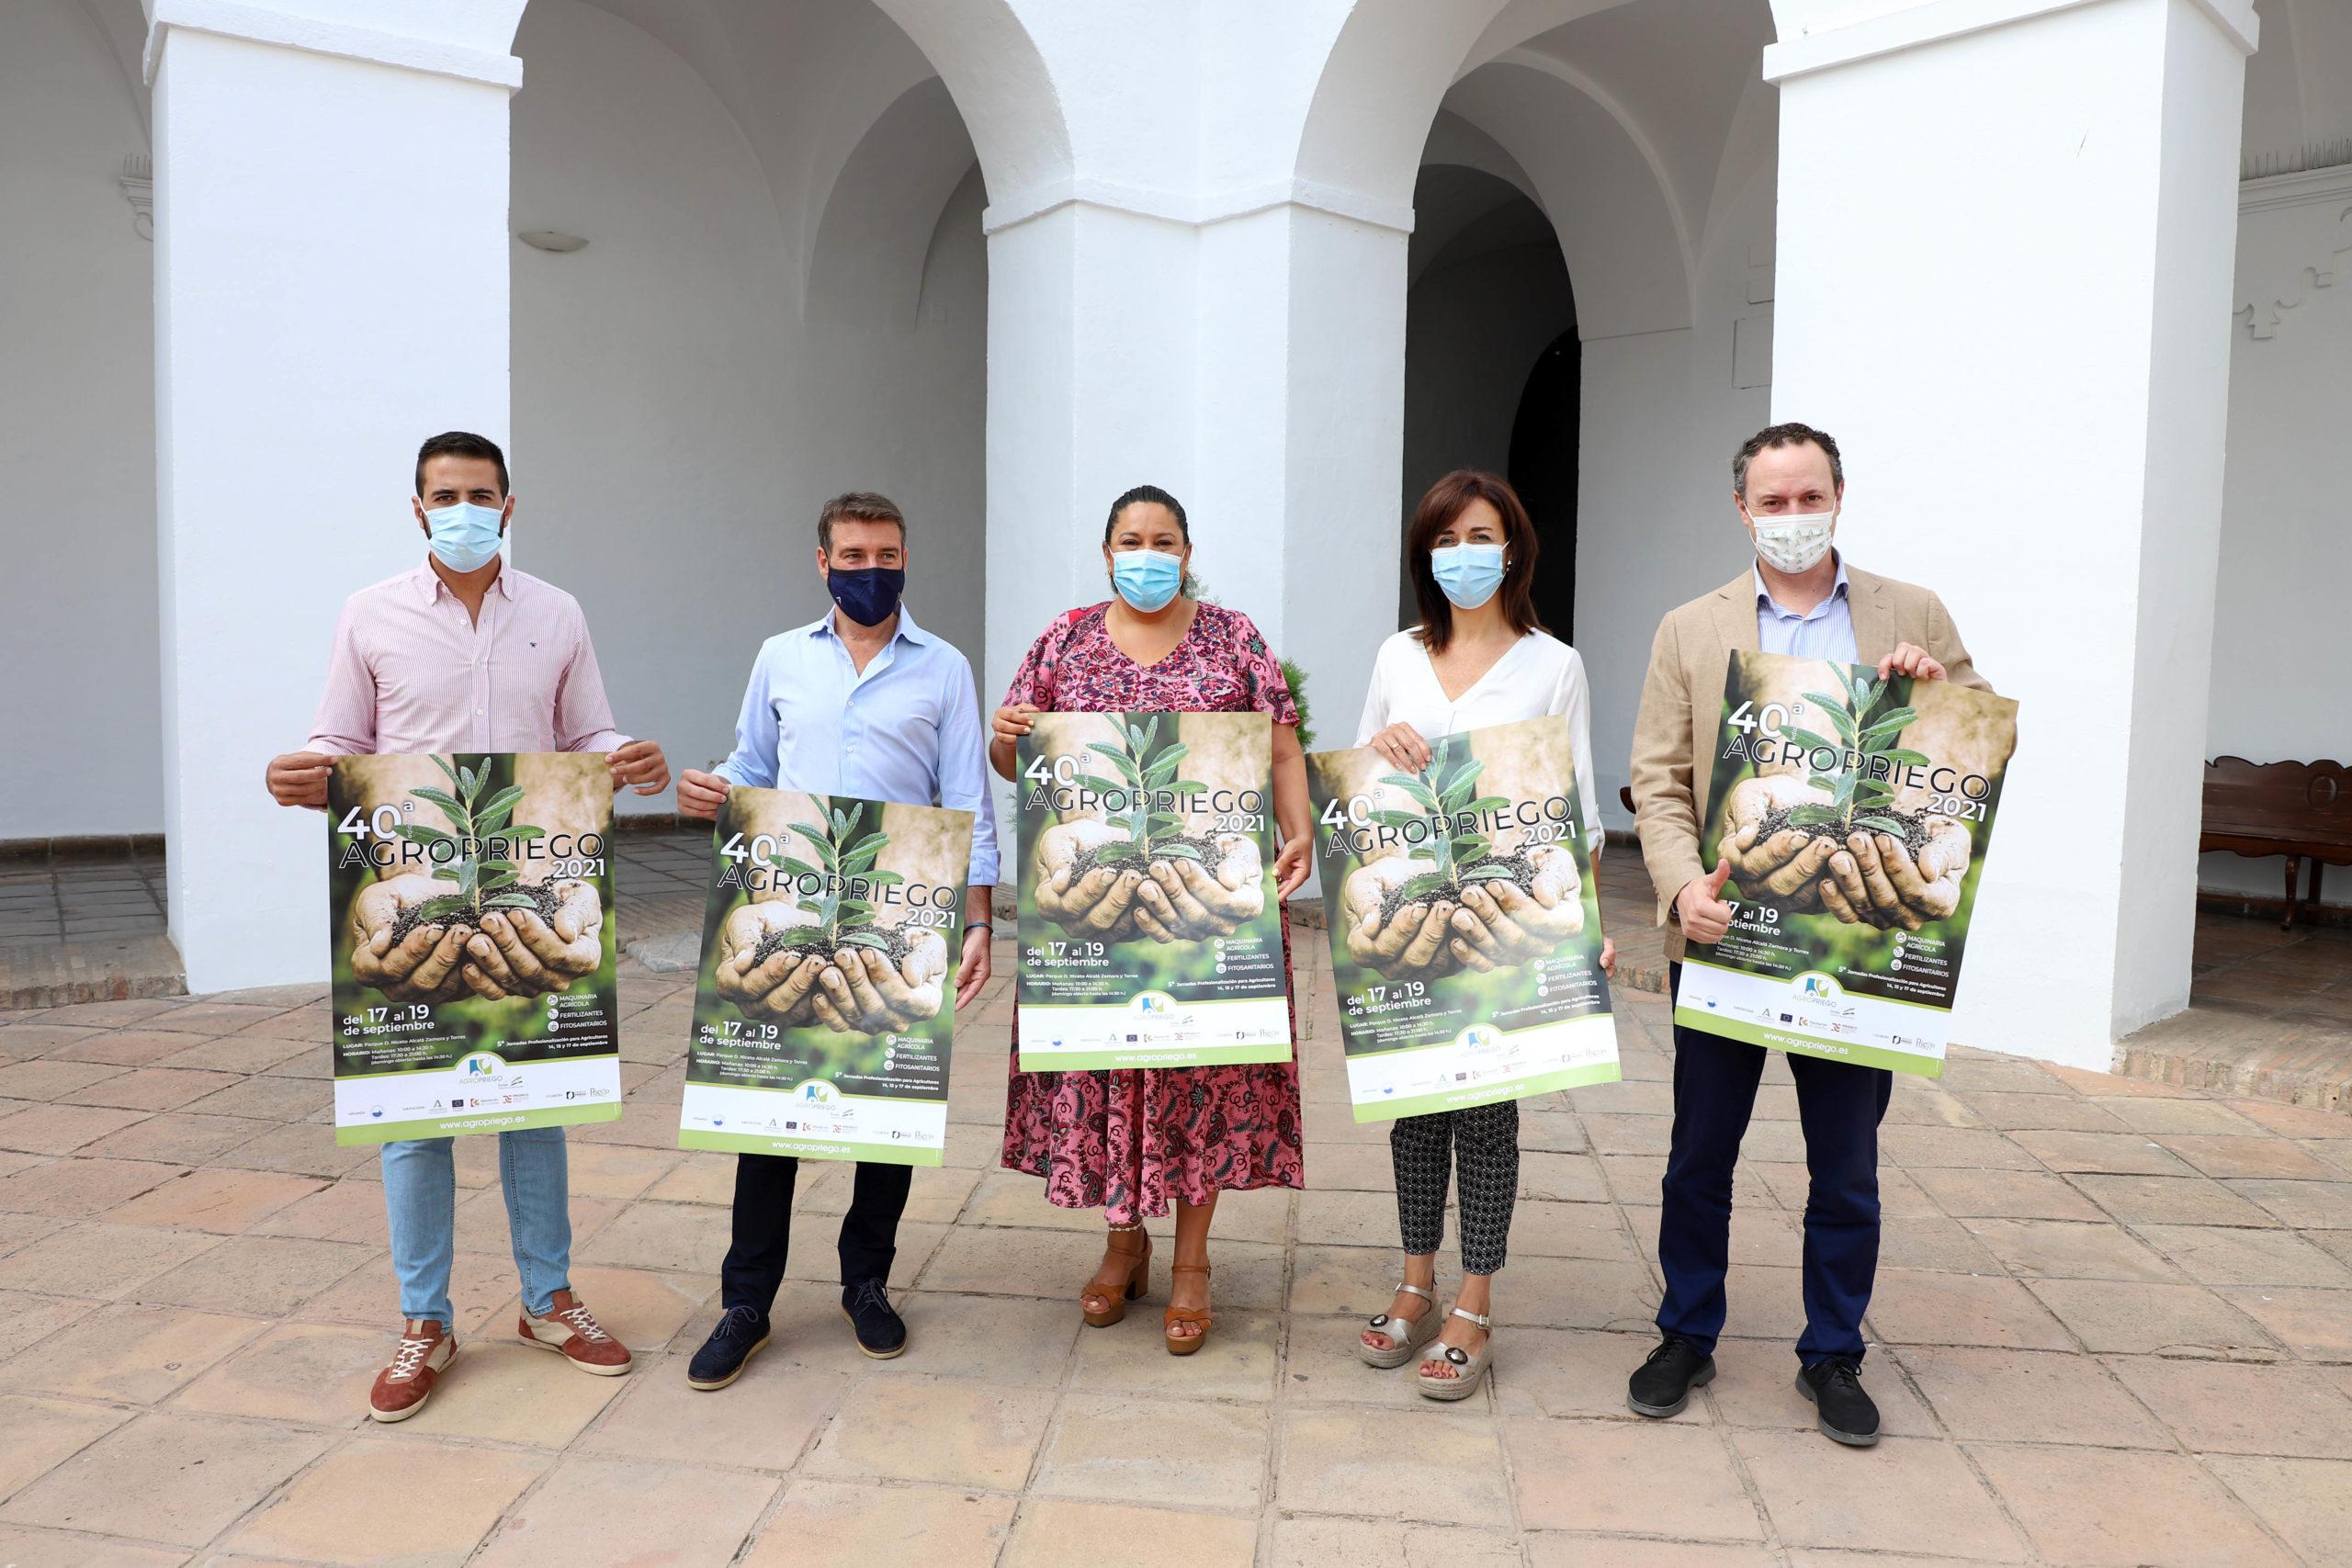 Agropriego celebra su 40 aniversario con un carácter aún más profesional y con el propósito de ir retomando la normalidad en el sector